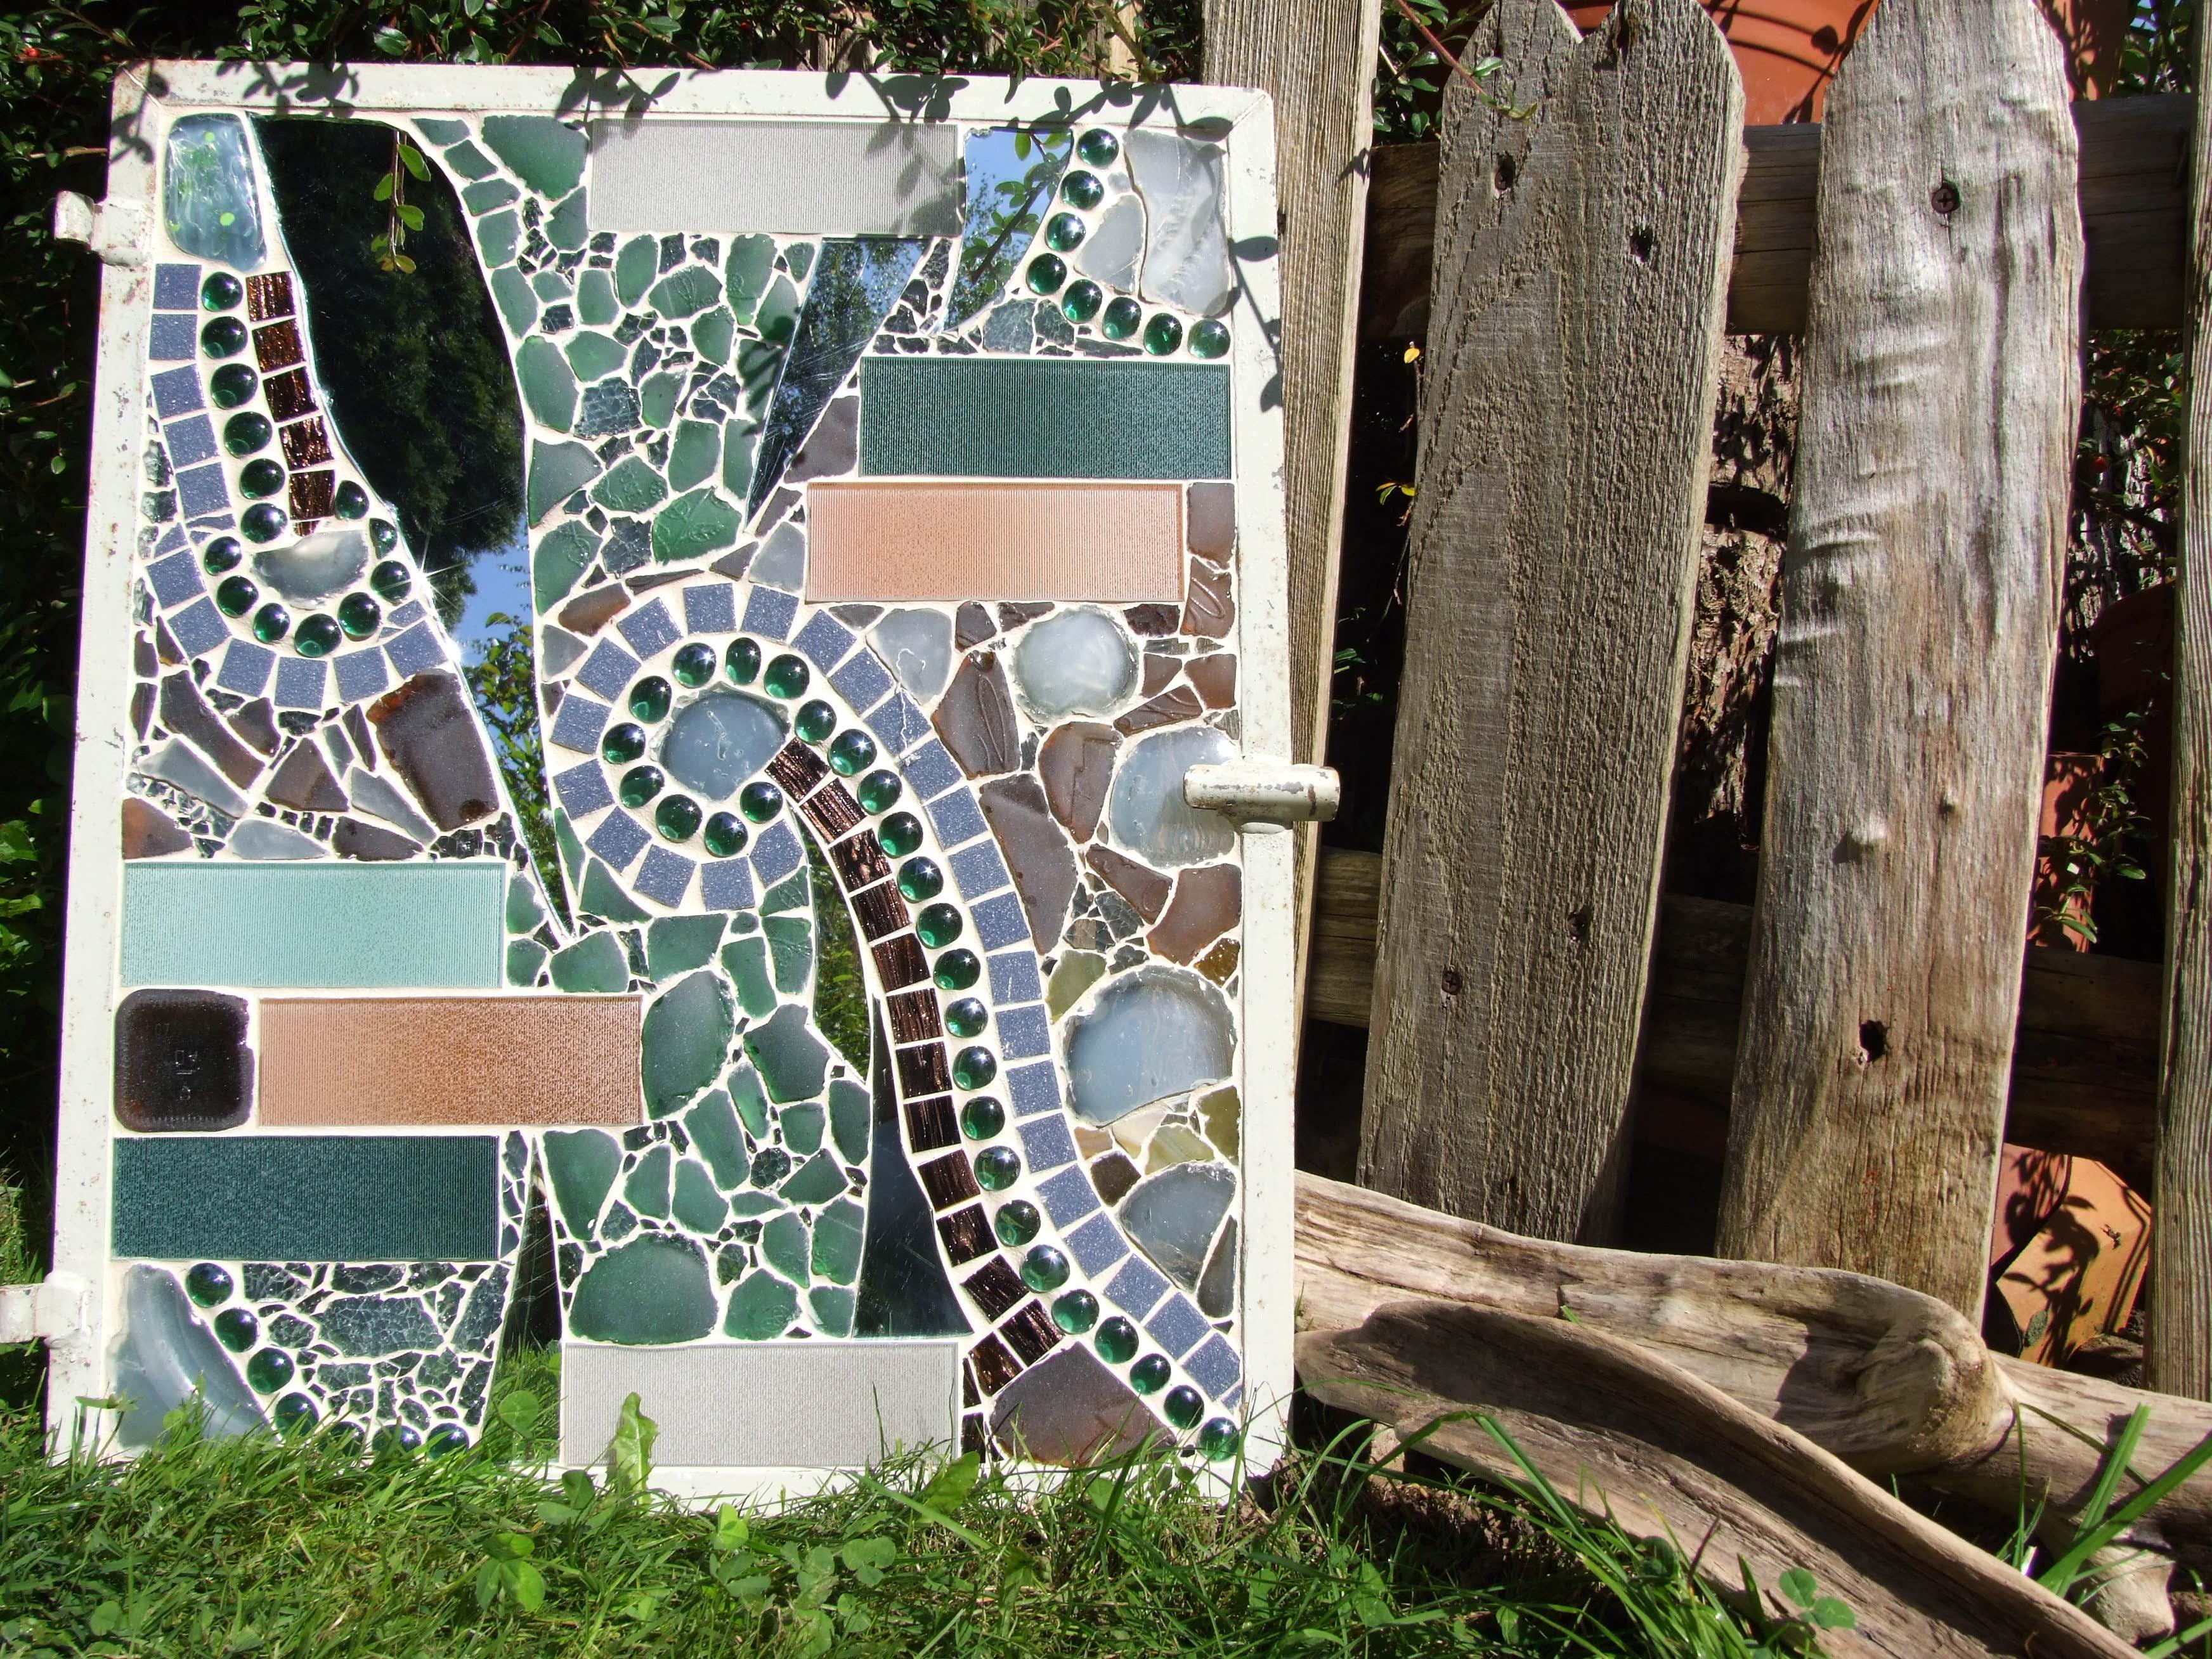 Mosaik im garten deko inspirationen und tipps - Spiegel im garten ...